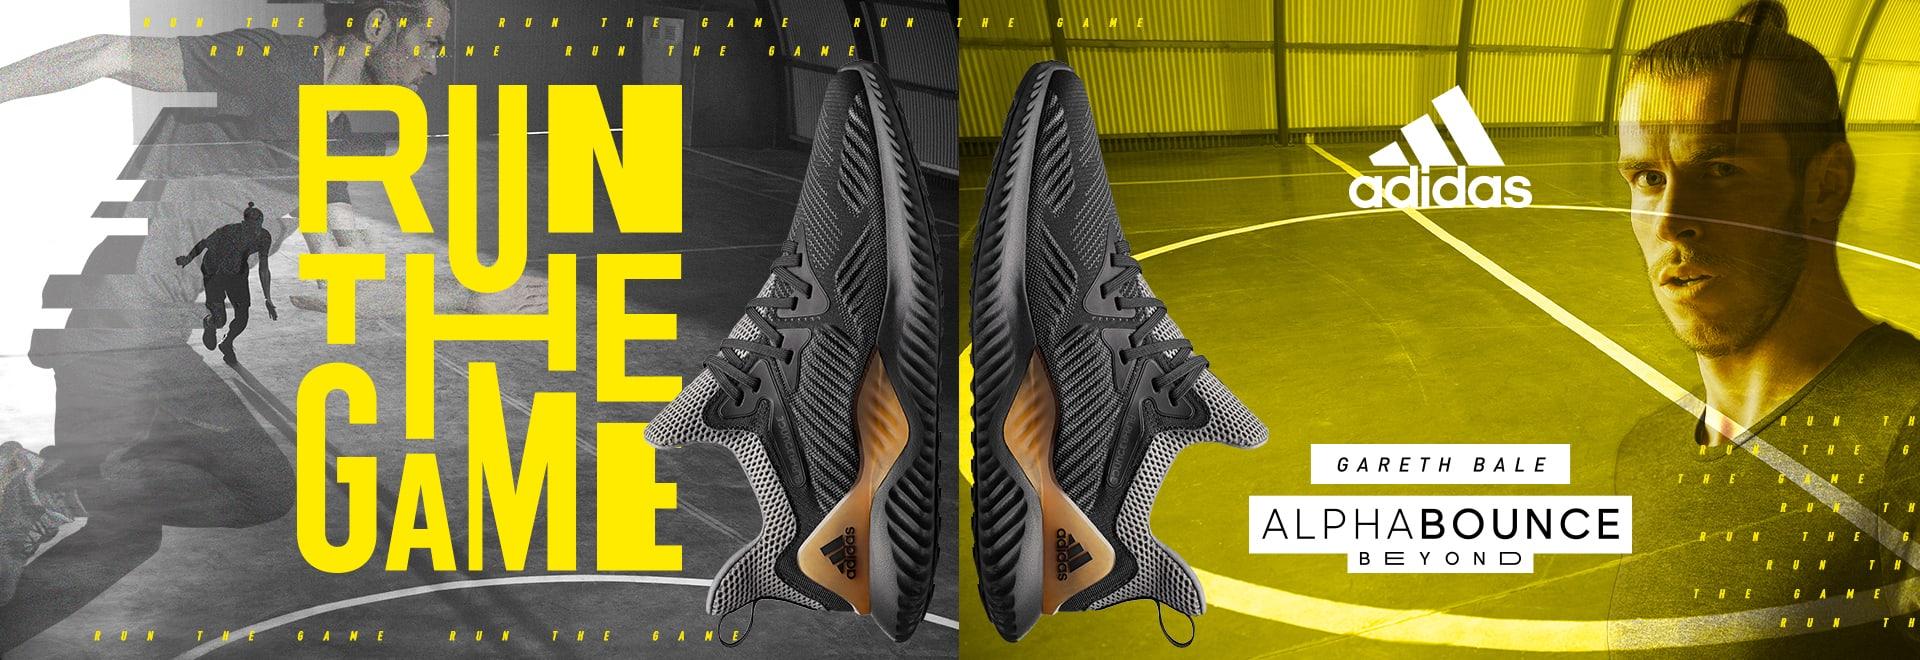 adidas-alpha-bounce